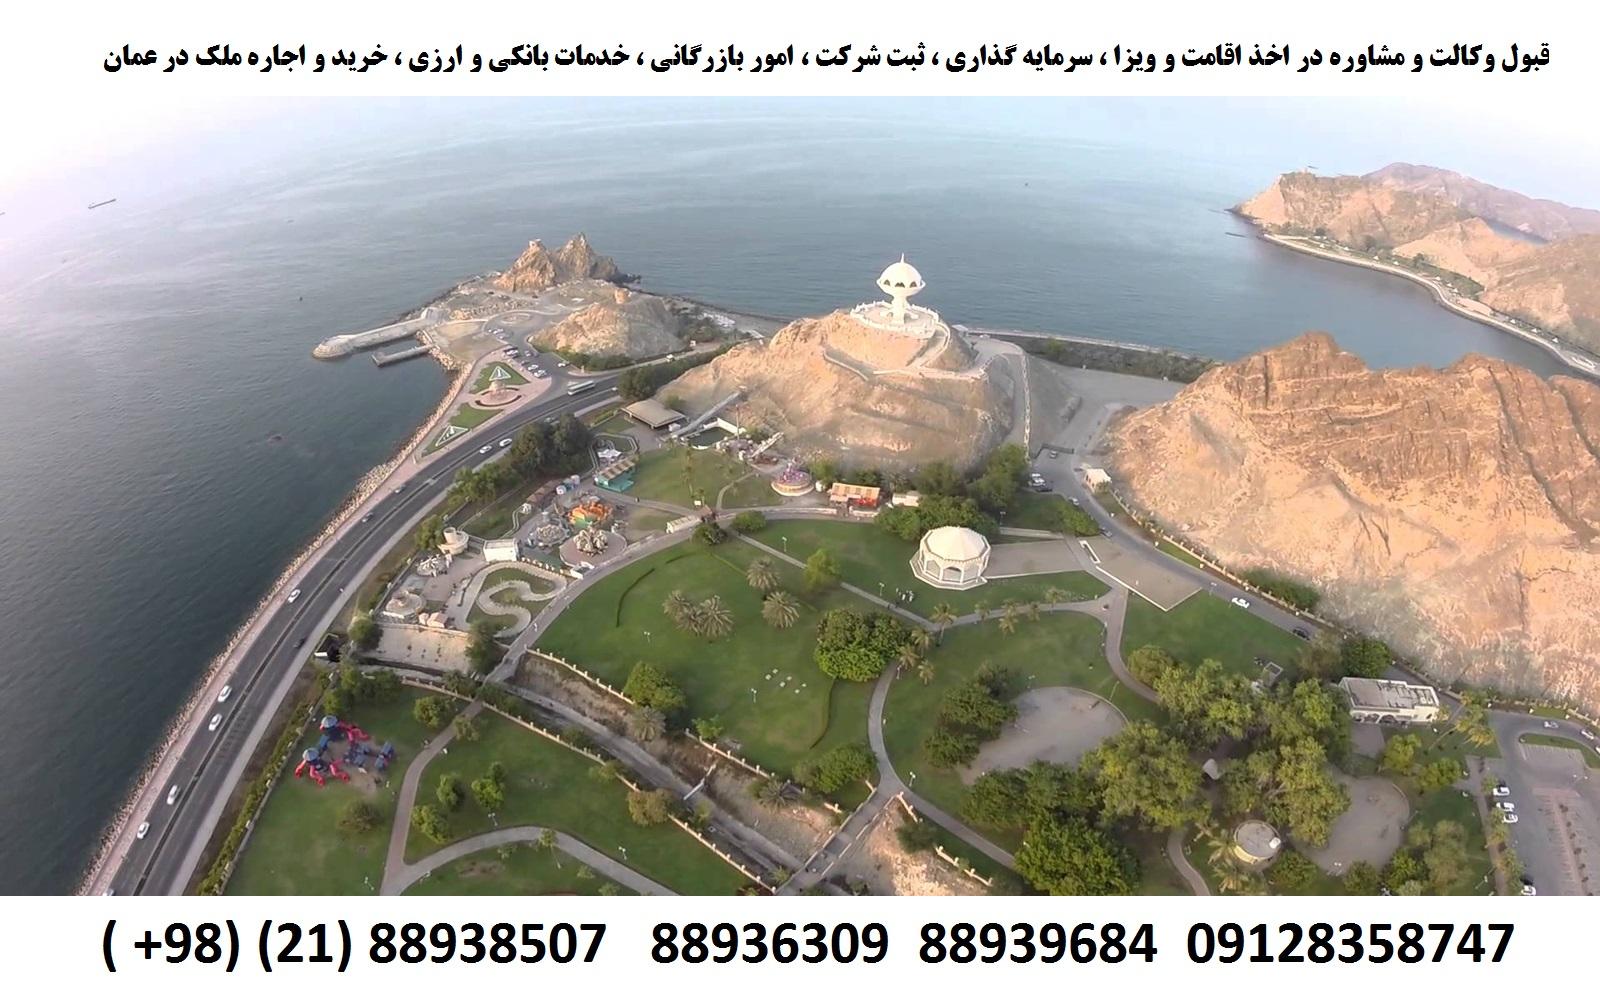 اقامت ، ثبت شرکت ، سرمایه گذاری ، ویزای کشور عمان (2)